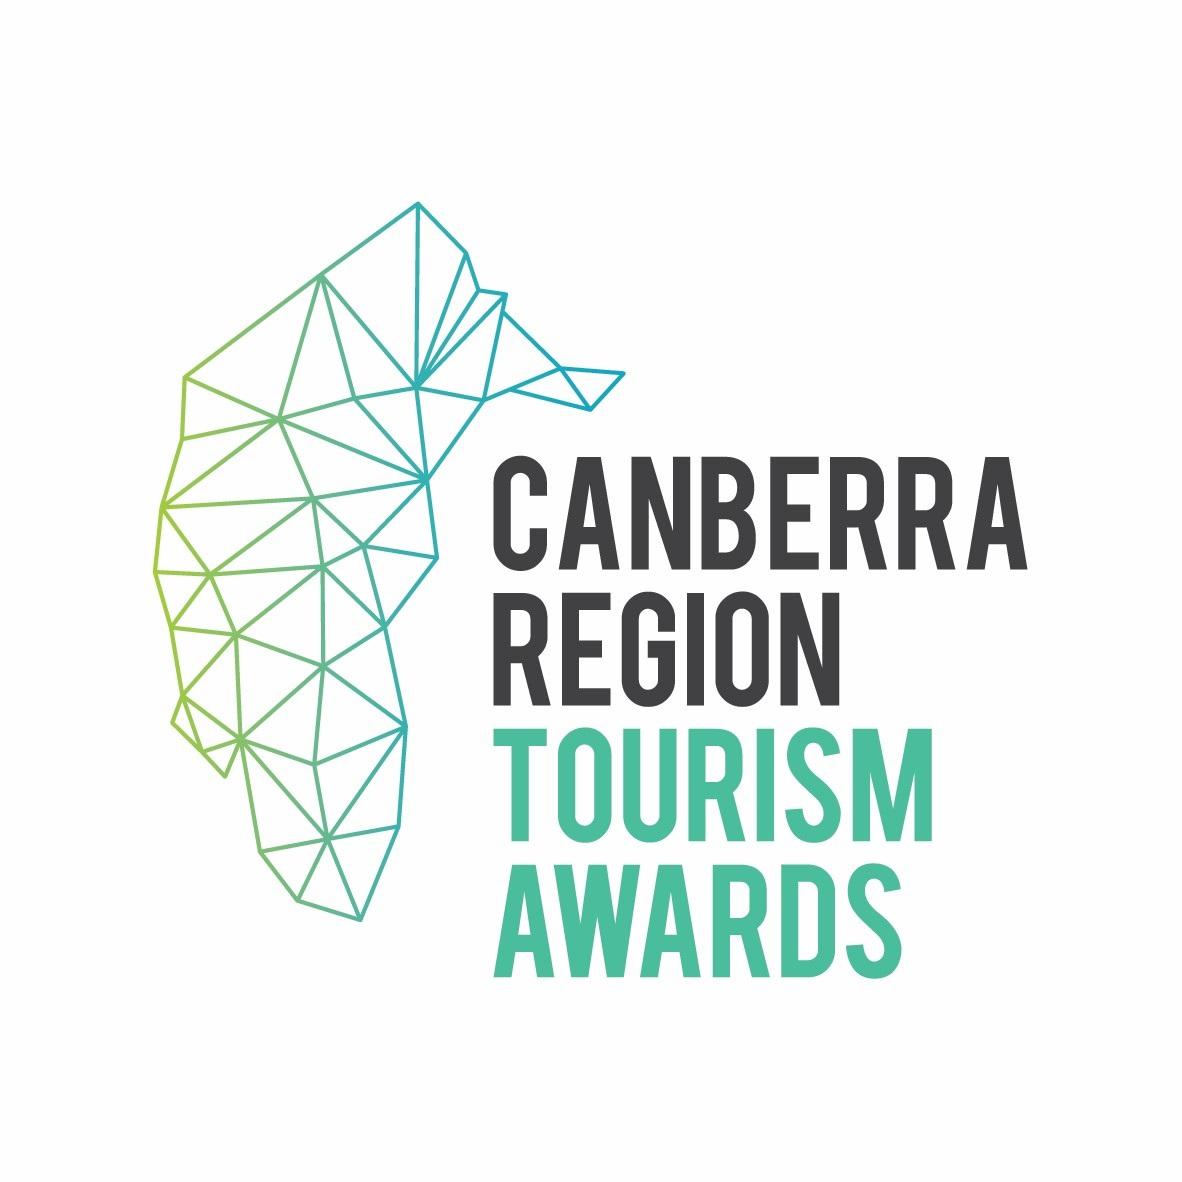 Tourism awards logo for Canberra Region Tourism Awards